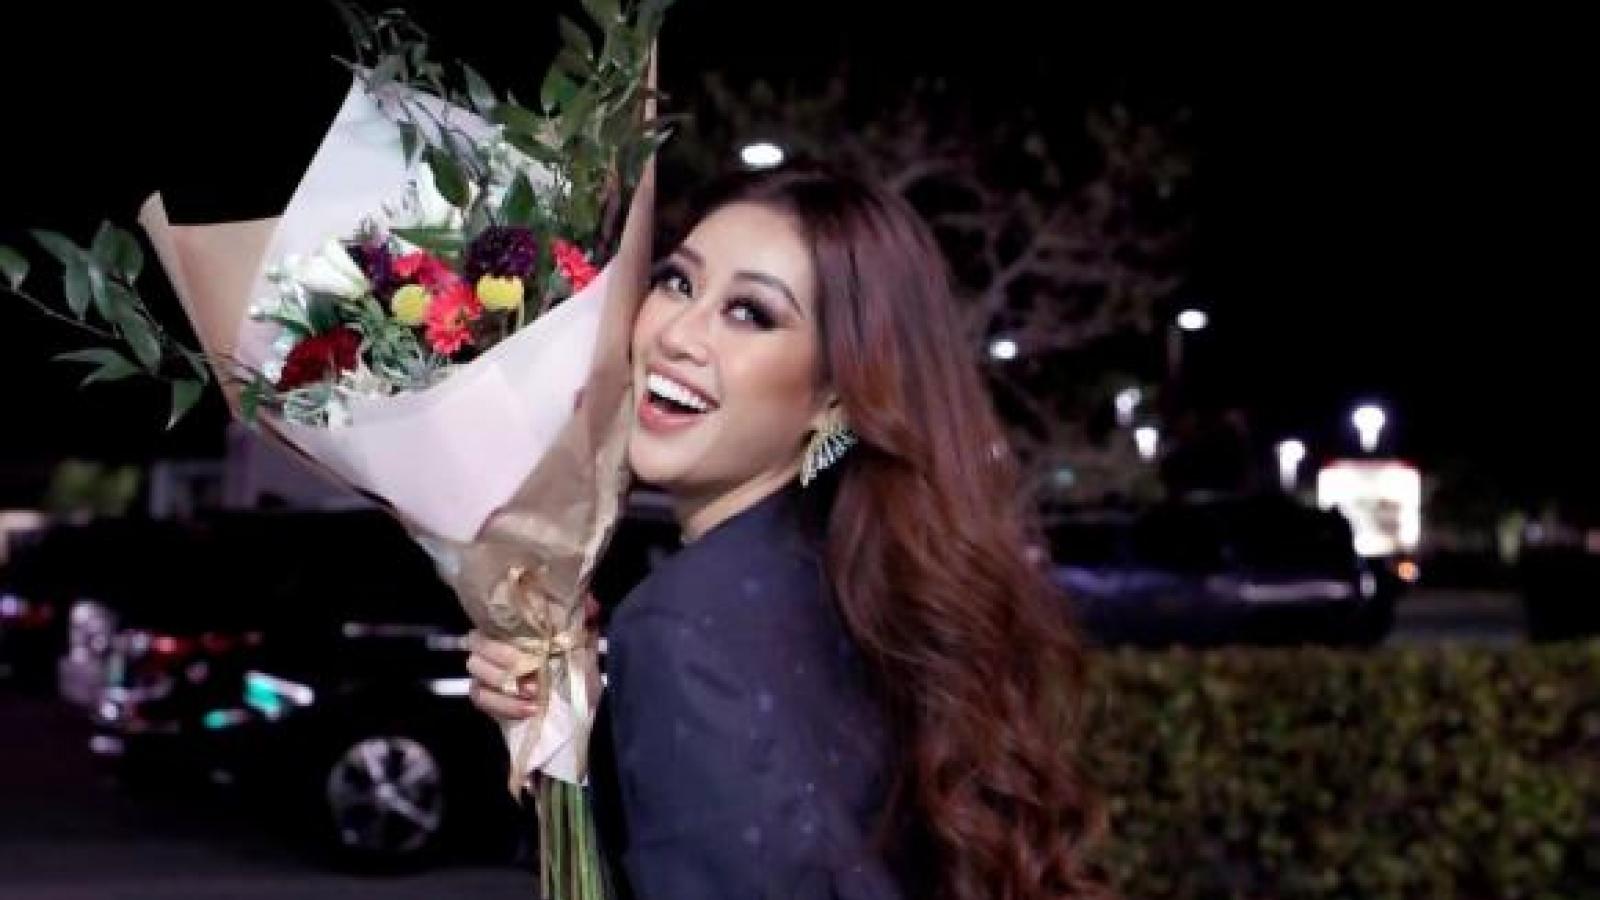 Chuyện showbiz: Hoa hậu Khánh Vân tái xuất rạng rỡ sau khi lọt top 21 Miss Universe